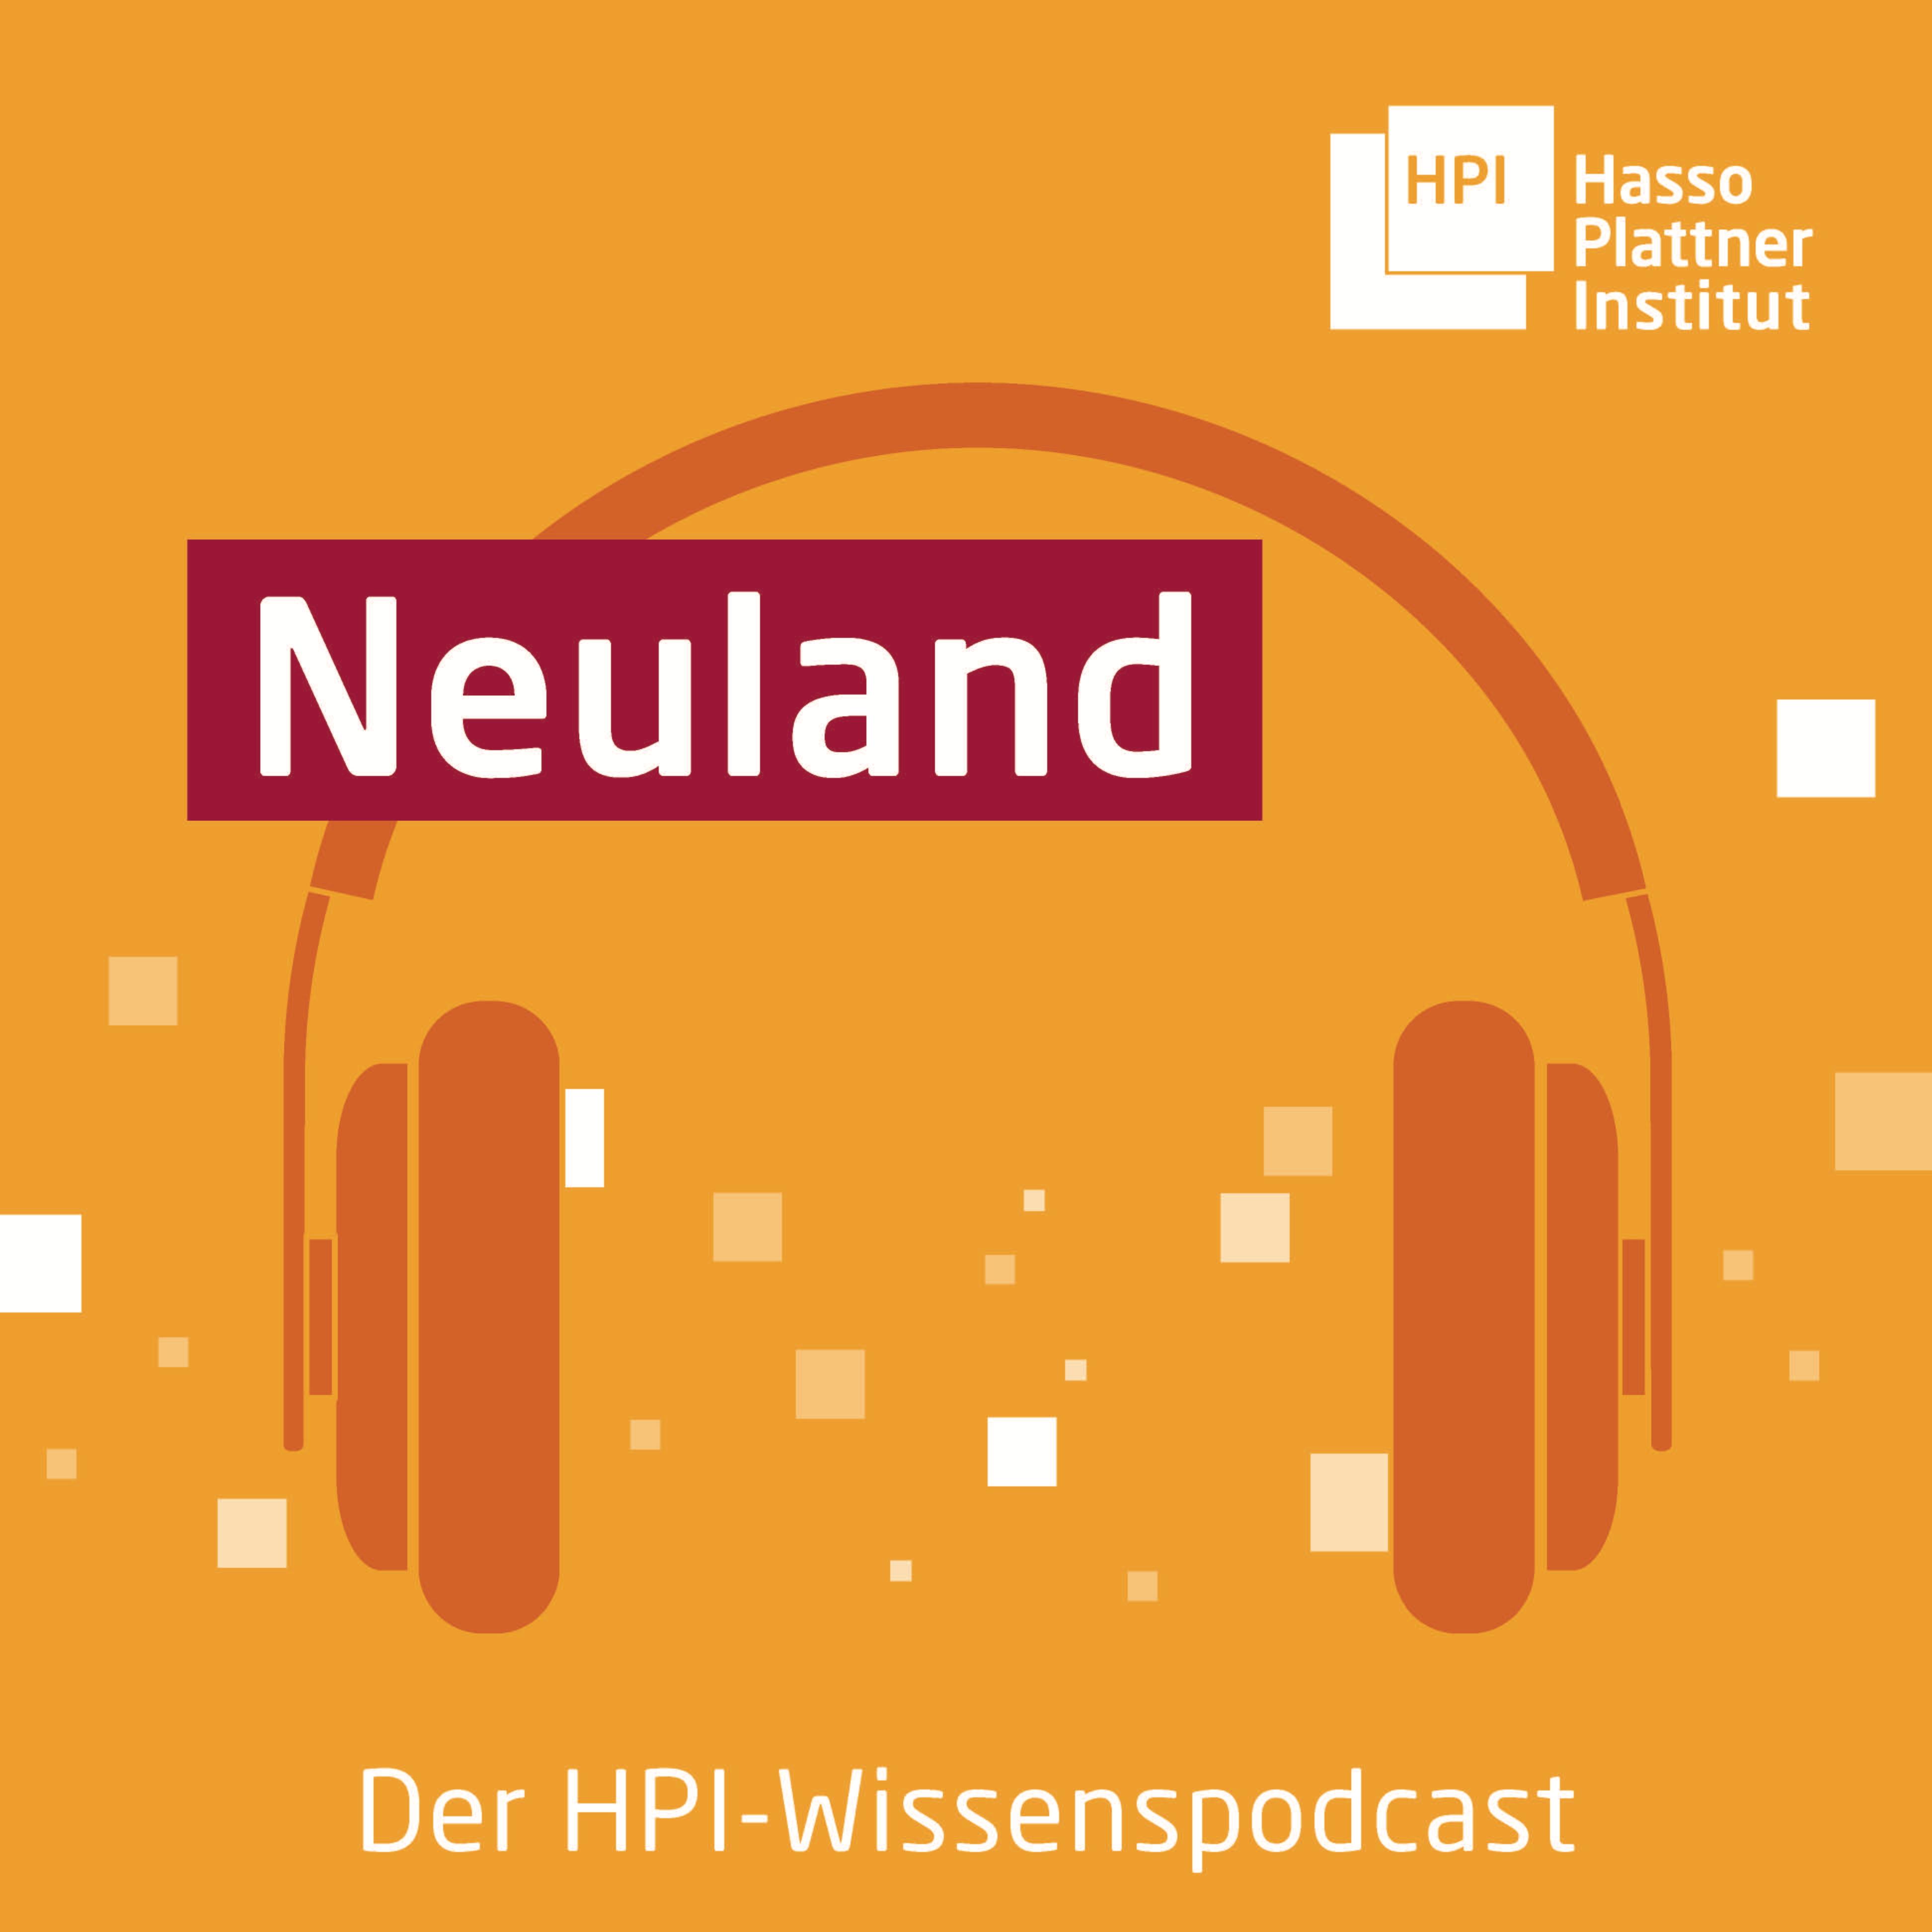 Neuland Hasso Plattner Institut Startet Wissenspodcast Zu